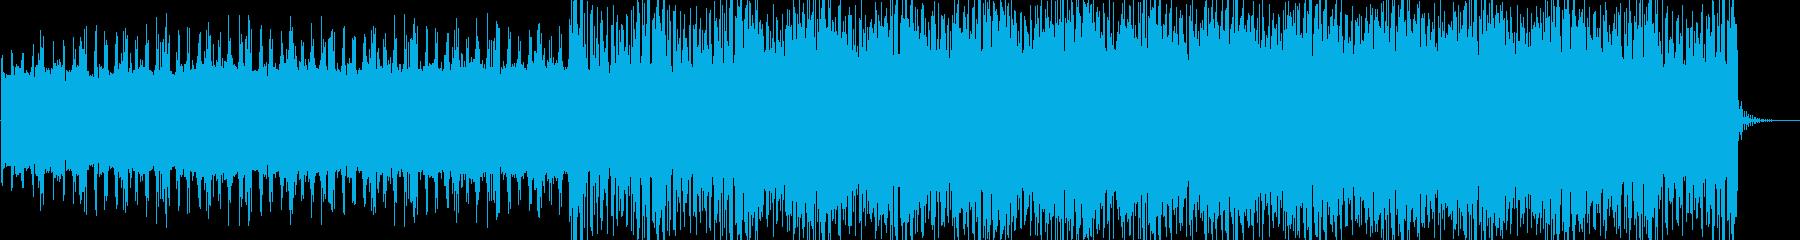 緊迫感 静かな SF系ノイズビートテクノの再生済みの波形